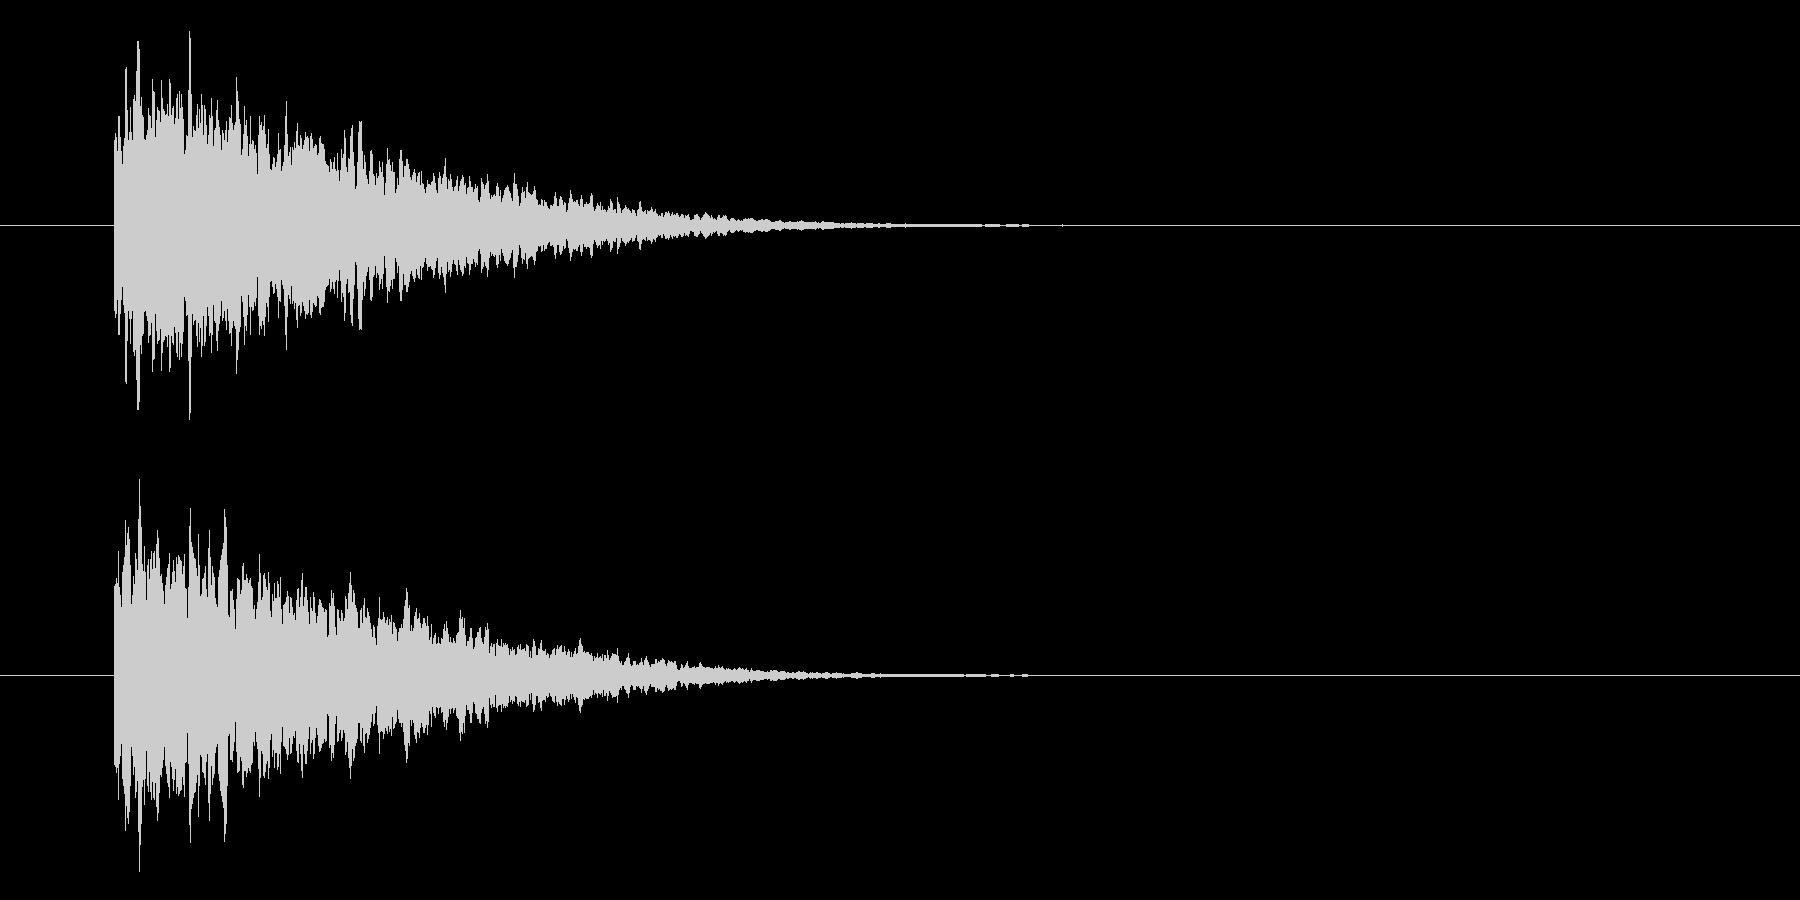 シャーン、テロップ音、文字。の未再生の波形